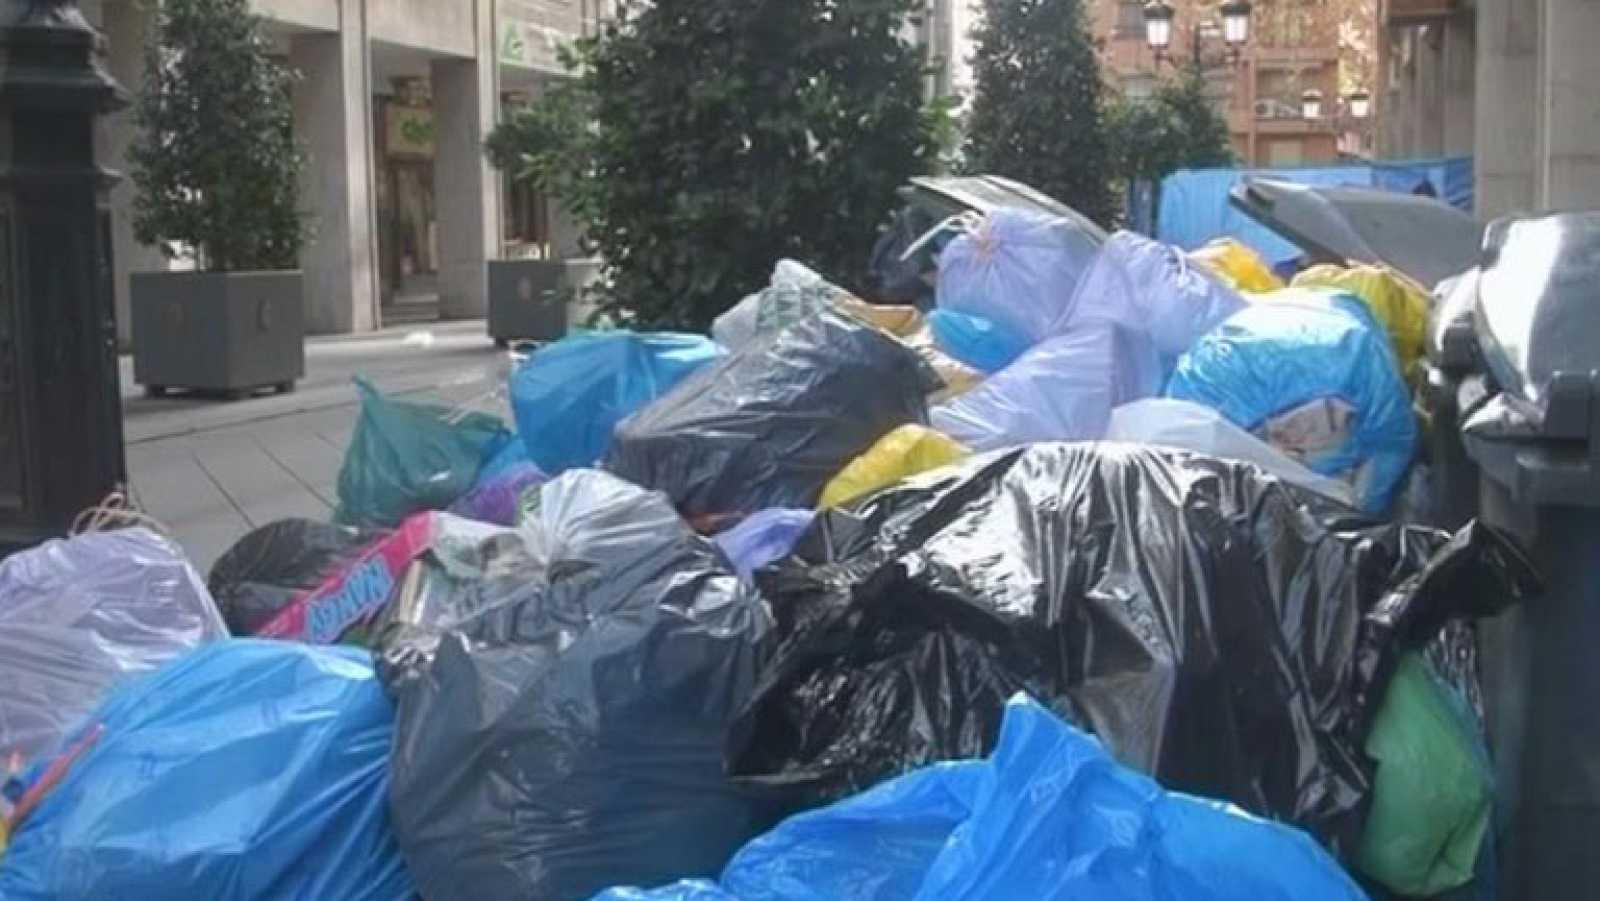 El alcalde de Granada se plantea pedir apoyo al ejército para limpiar las calles